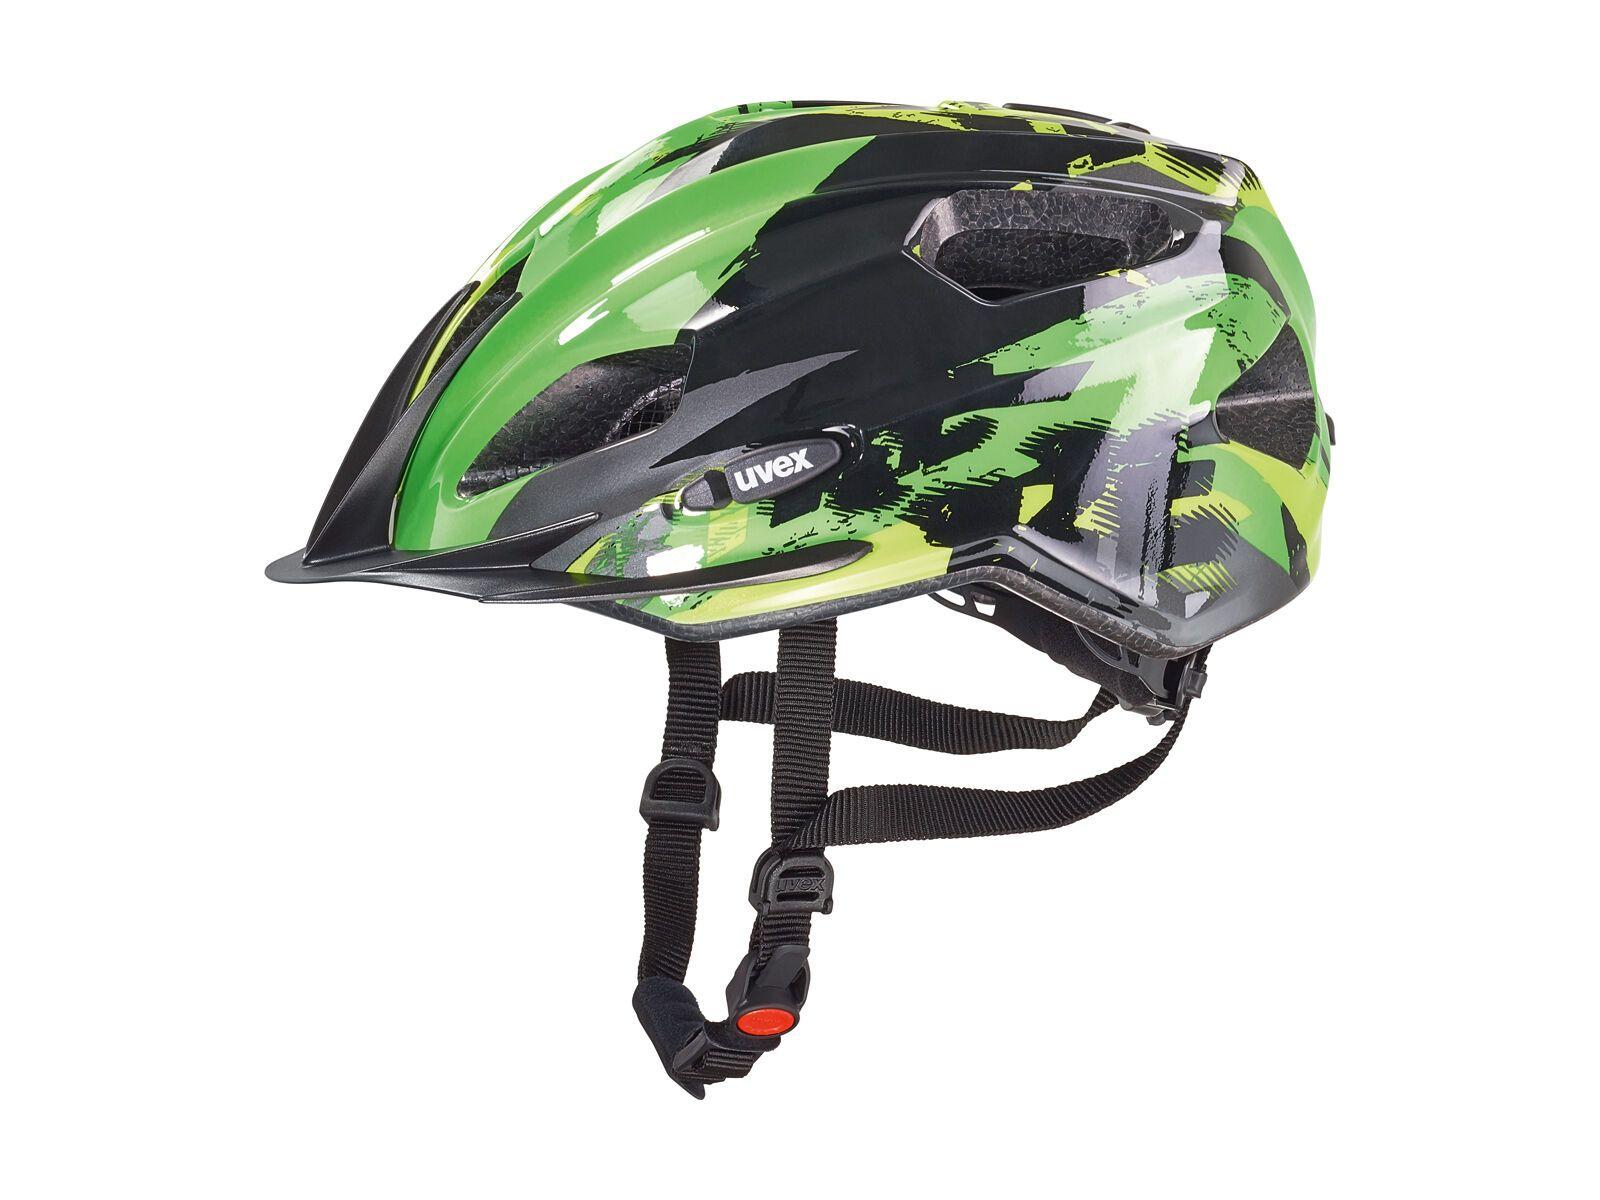 uvex Quatro Junior, black-green   Bild 1